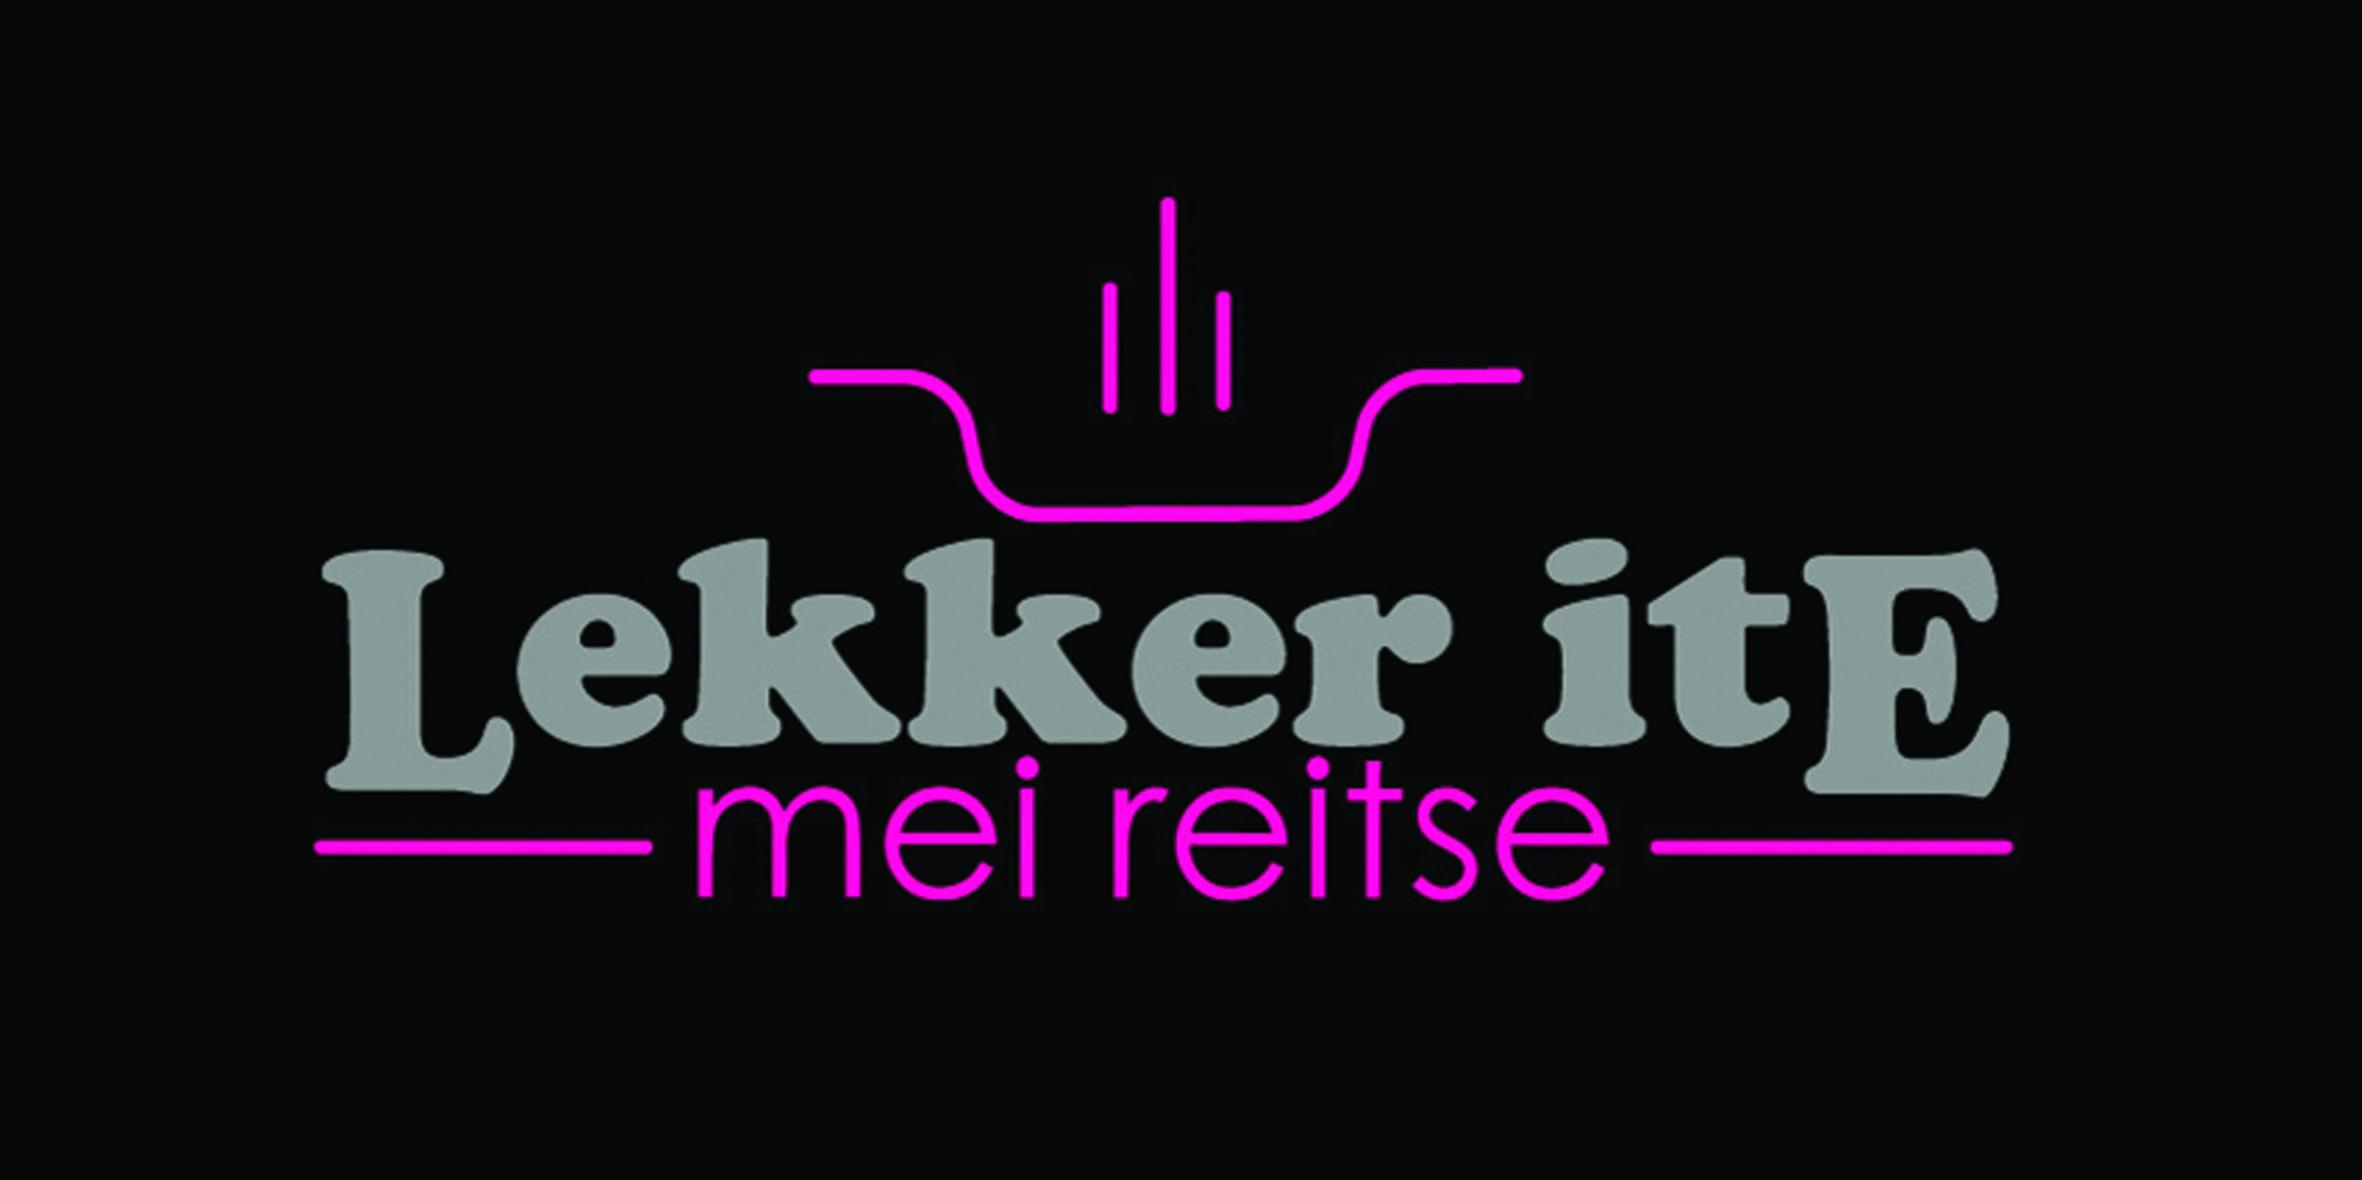 Lekker_Ite_SimmerTime 2018